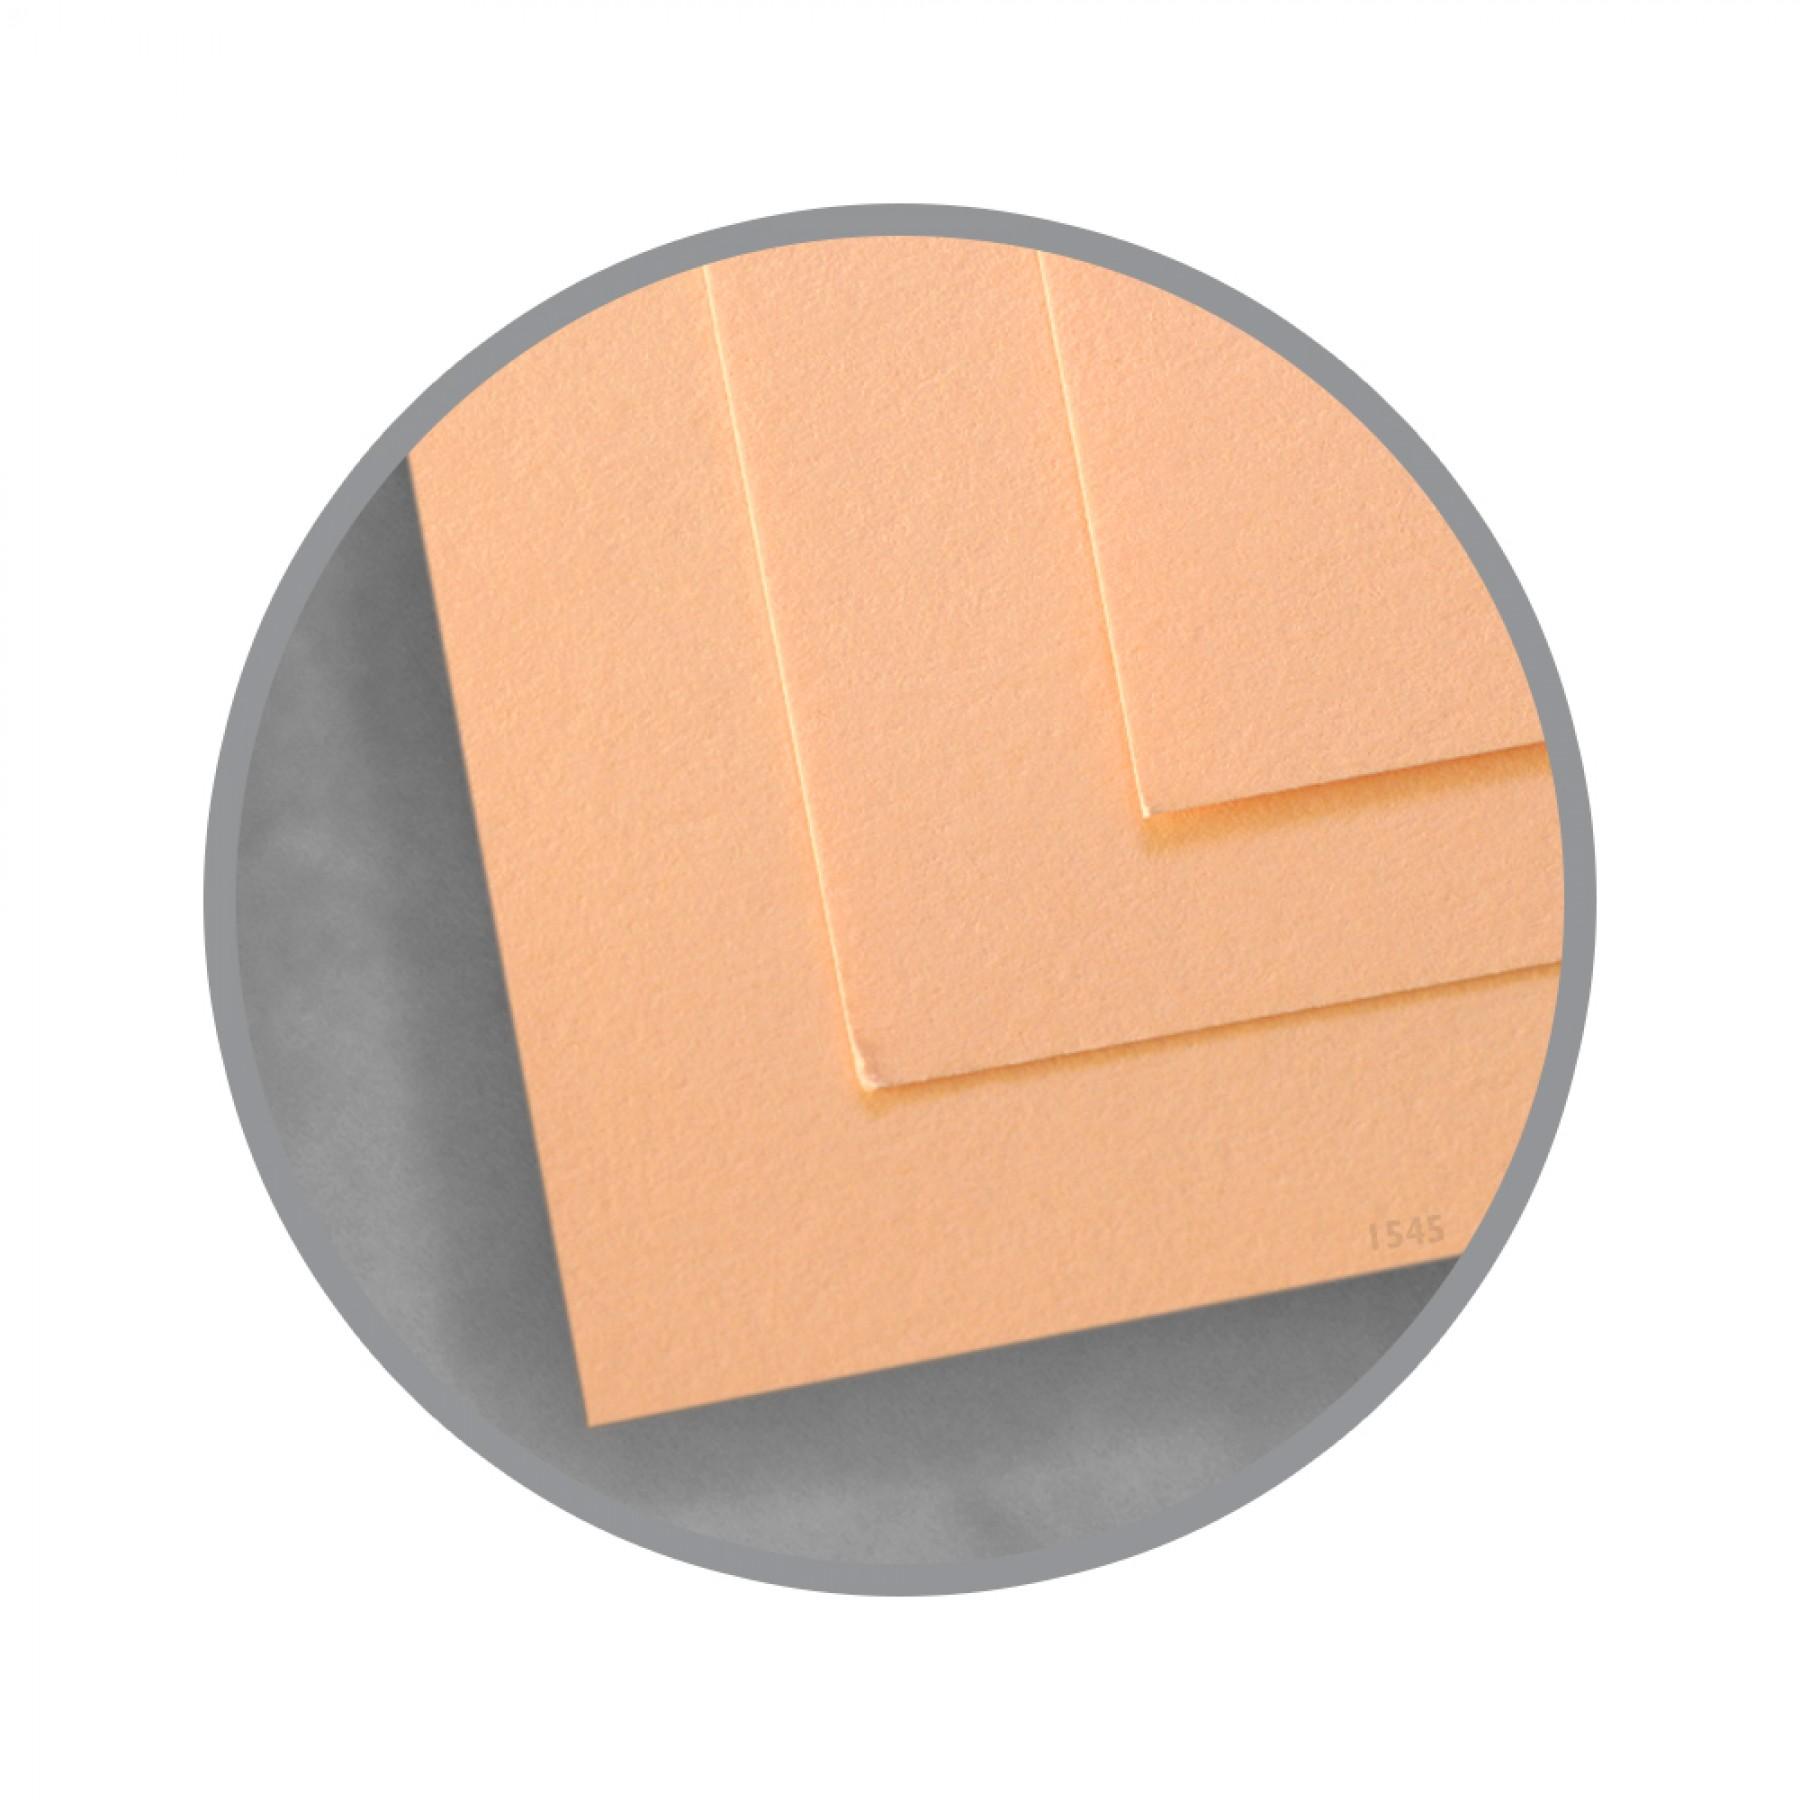 Exact Vellum Bristol Peach Paper - 8 1/2 x 11 in 67 lb Bristol Vellum 250 per Package